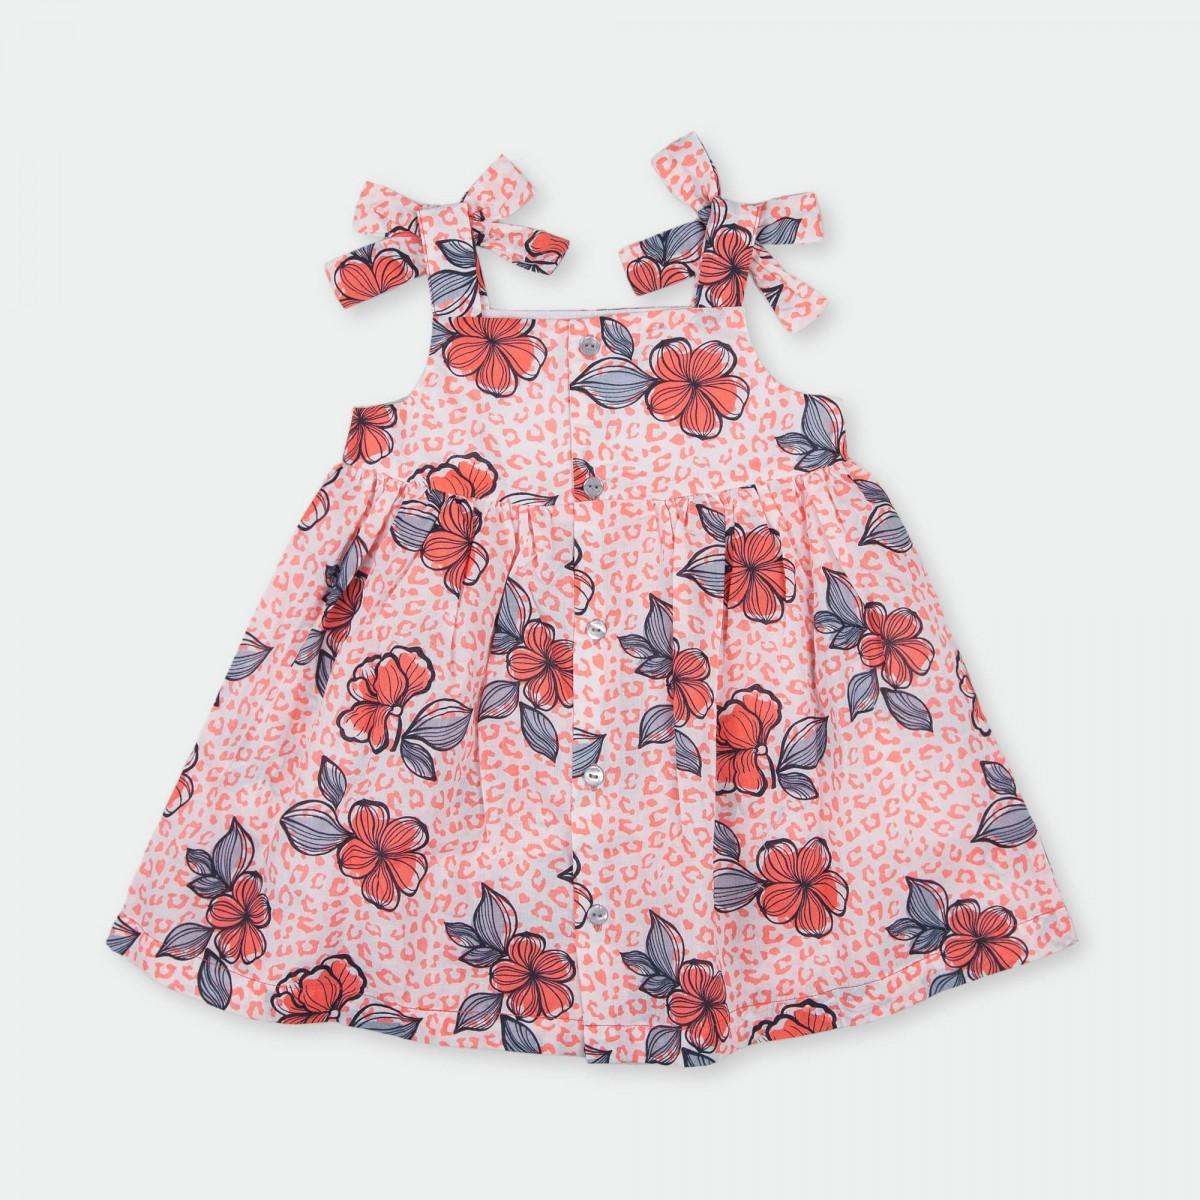 Vestido s-m_2270S17